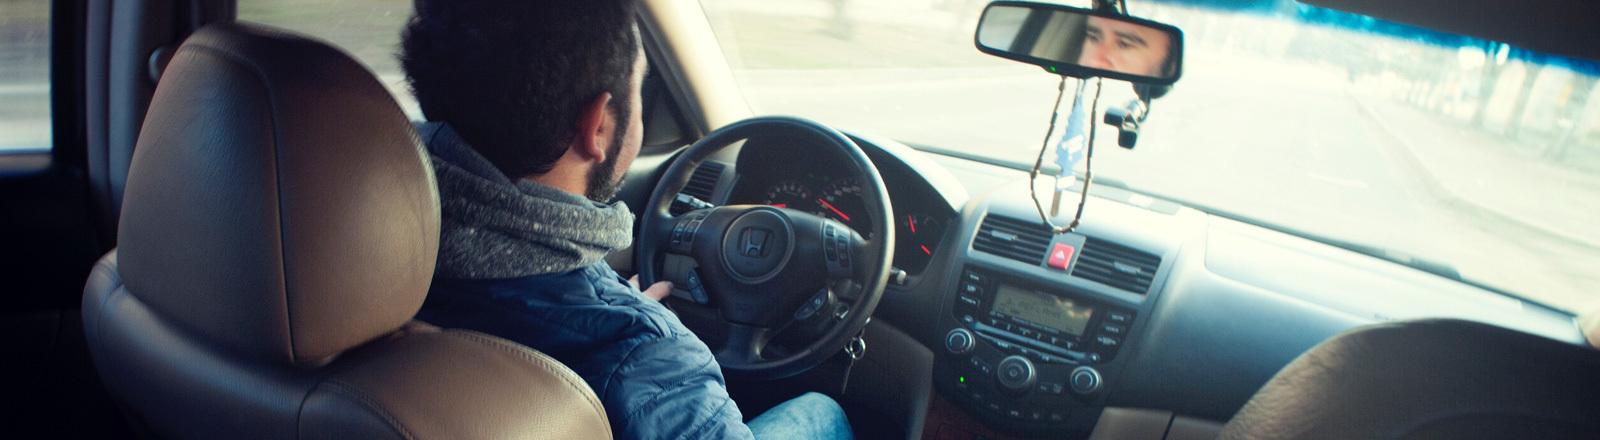 Ein Mann sitzt entspannt im Auto und fährt auf der Straße.